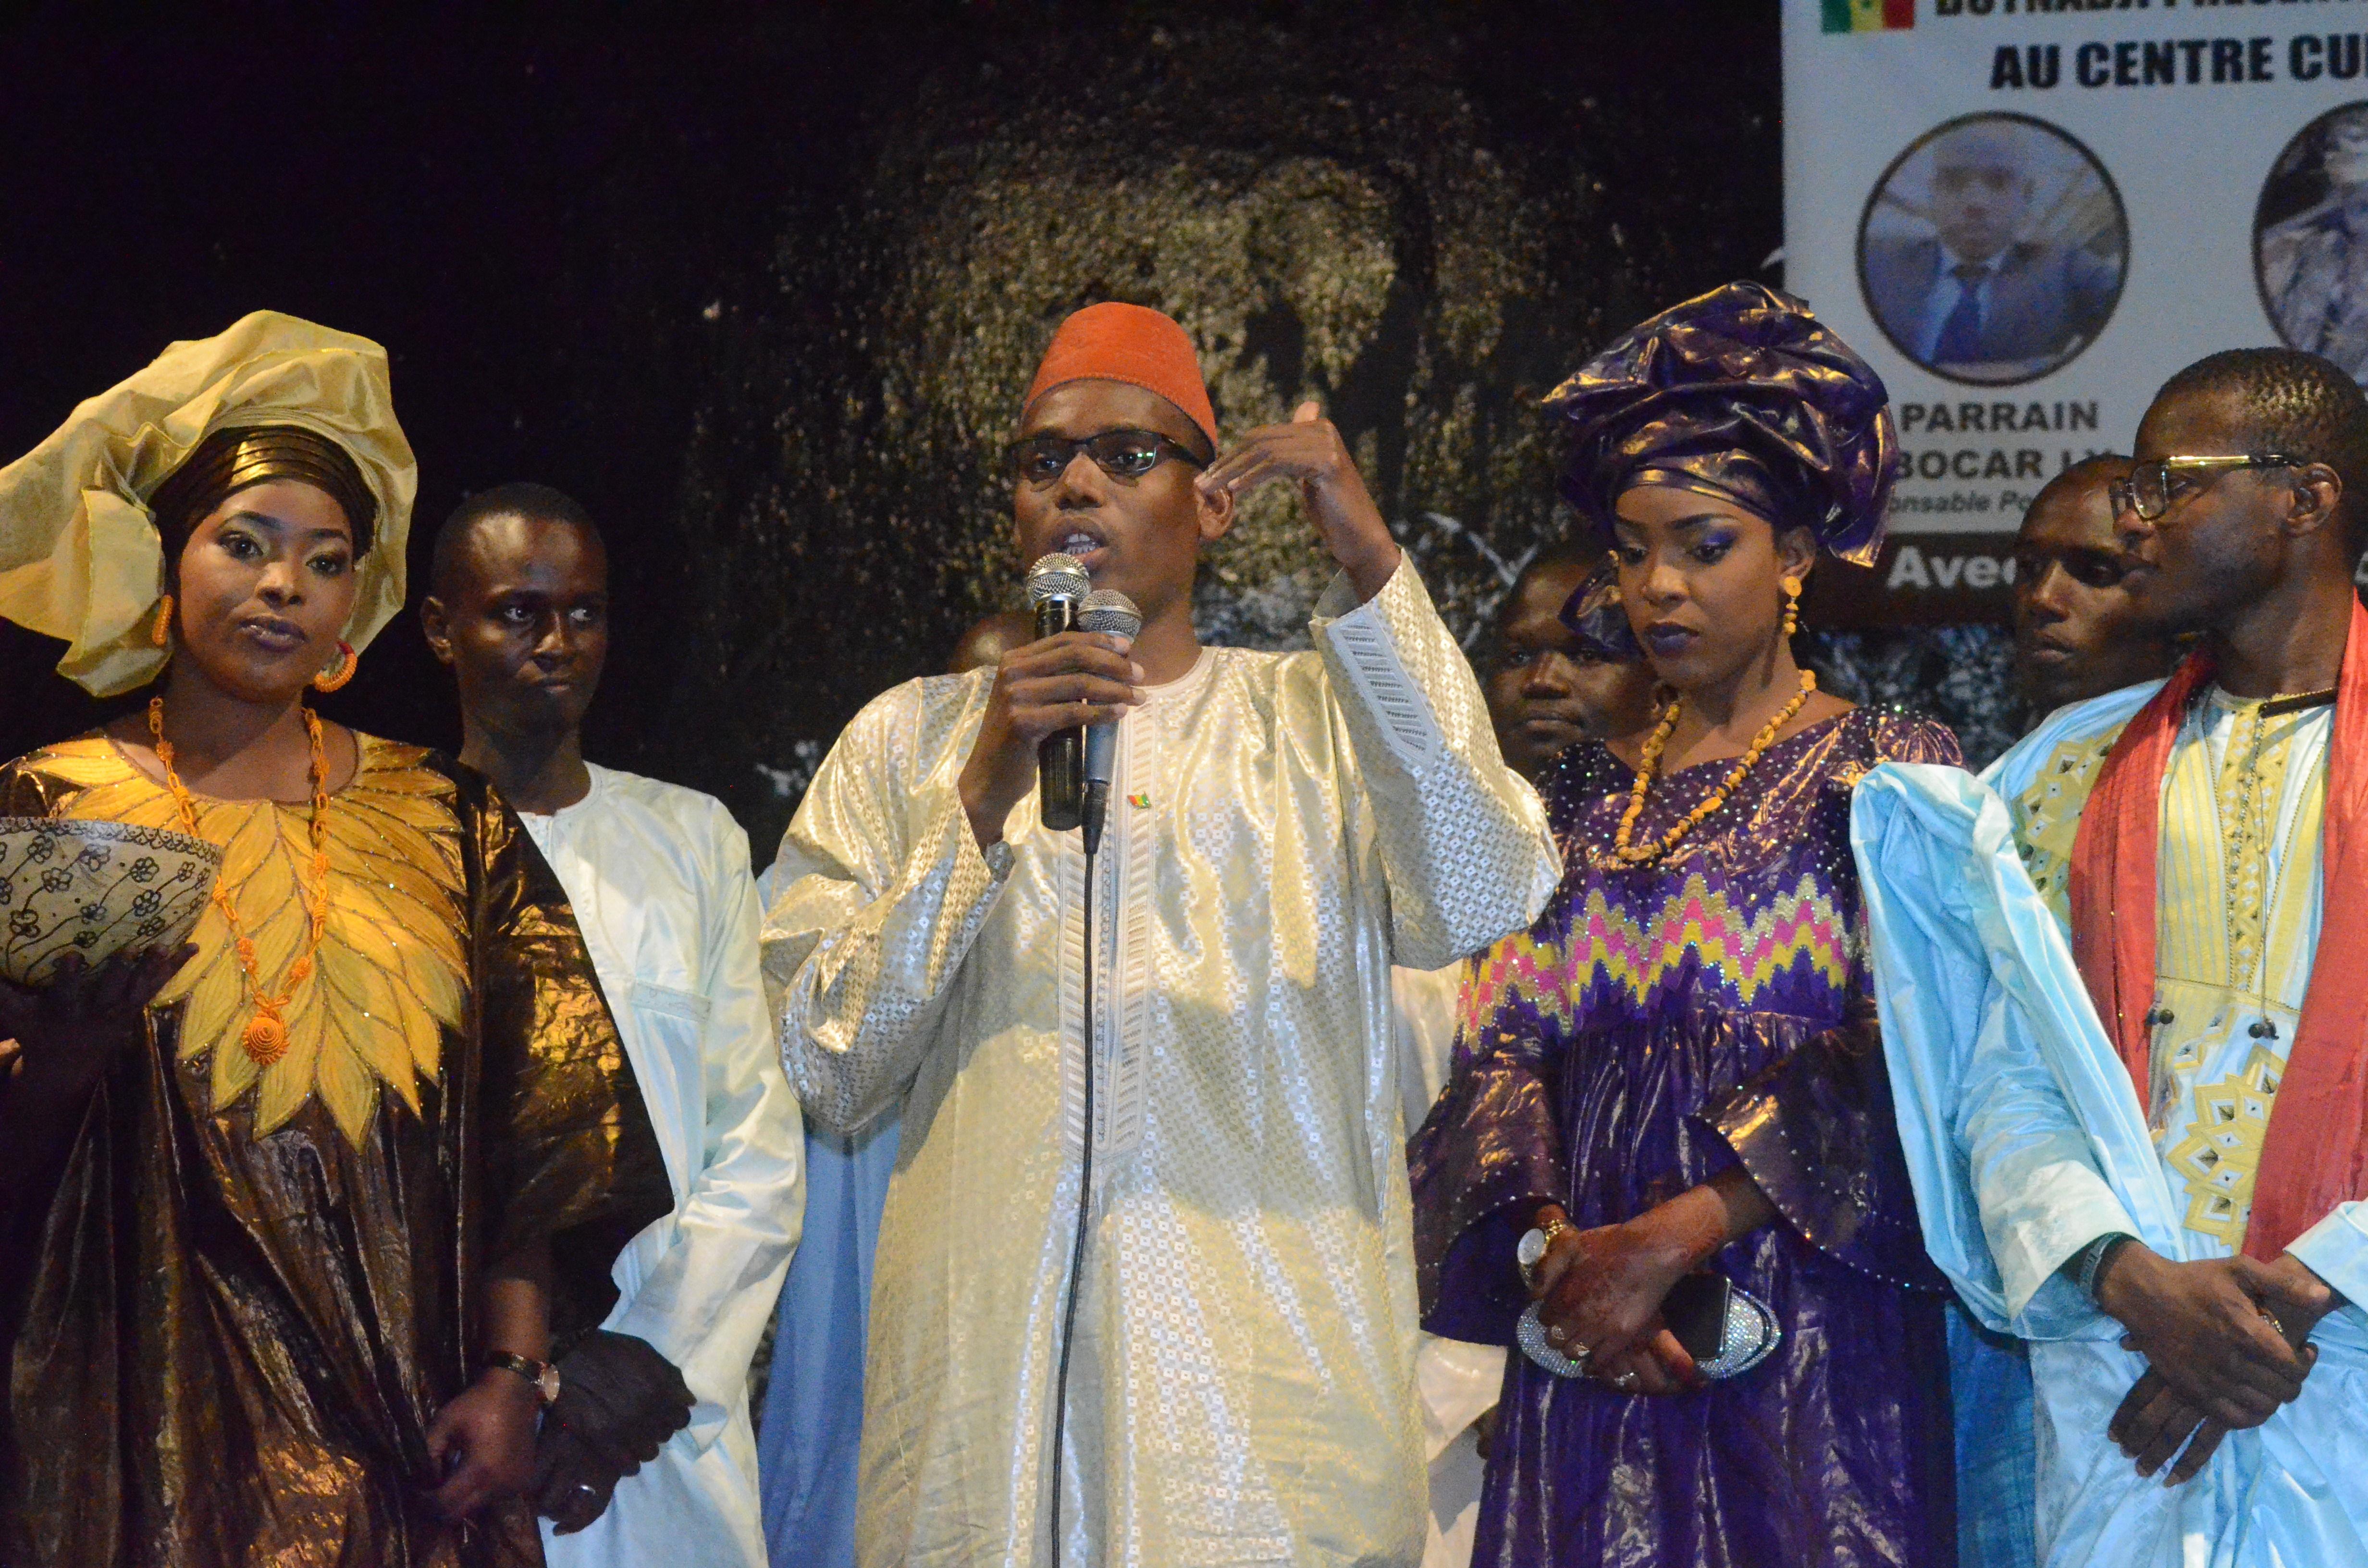 Première Edition soirée culturelle de l'Association Boyinadji Ma fierté de Bokidiawé, le parrain Bocar Abdoulaye Ly appelle à l'union des cœurs (39)